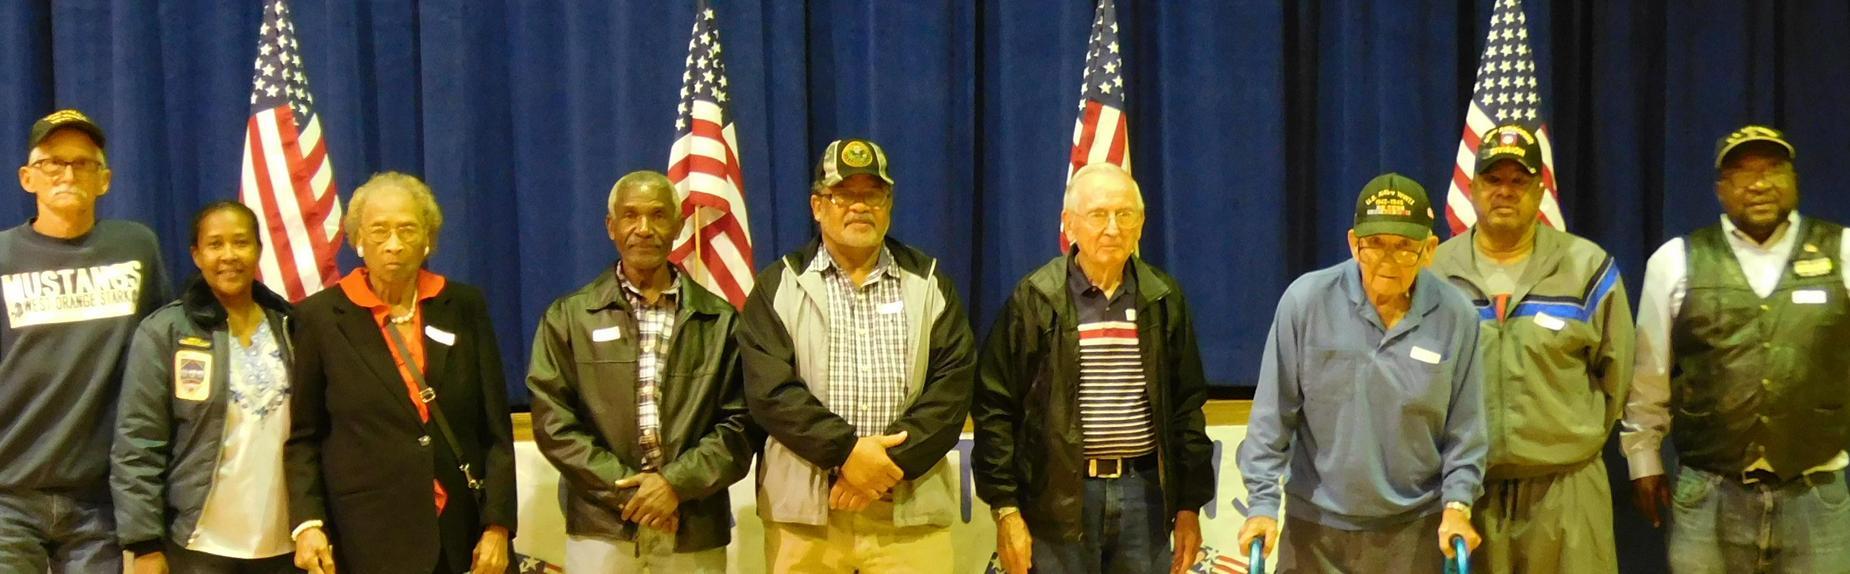 Honoring our Veterans during Veteran's Day Program